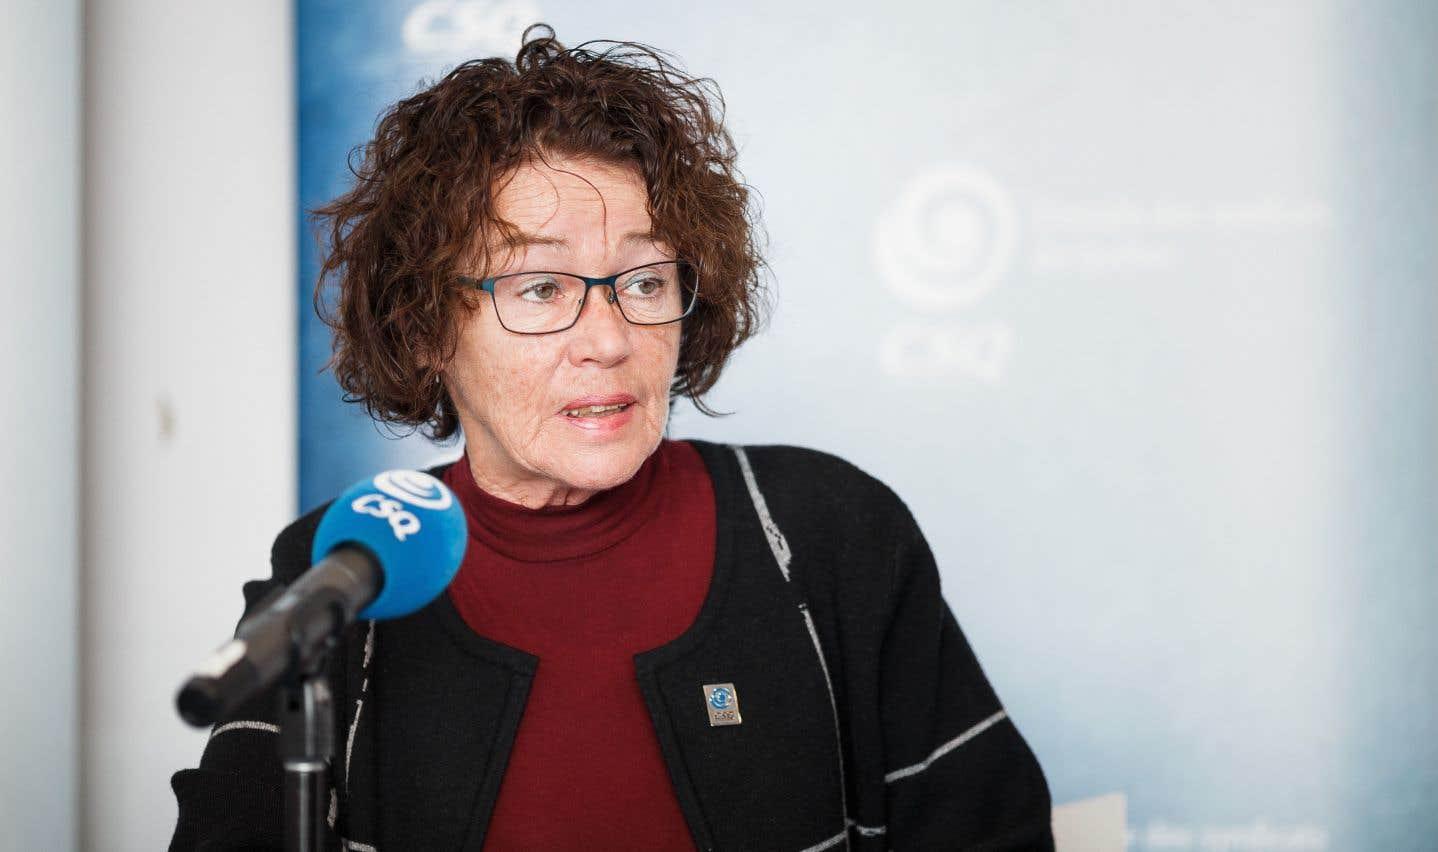 Selon la présidente de la CSQ, Louise Chabot, la stratégie libérale relève davantage du vent.